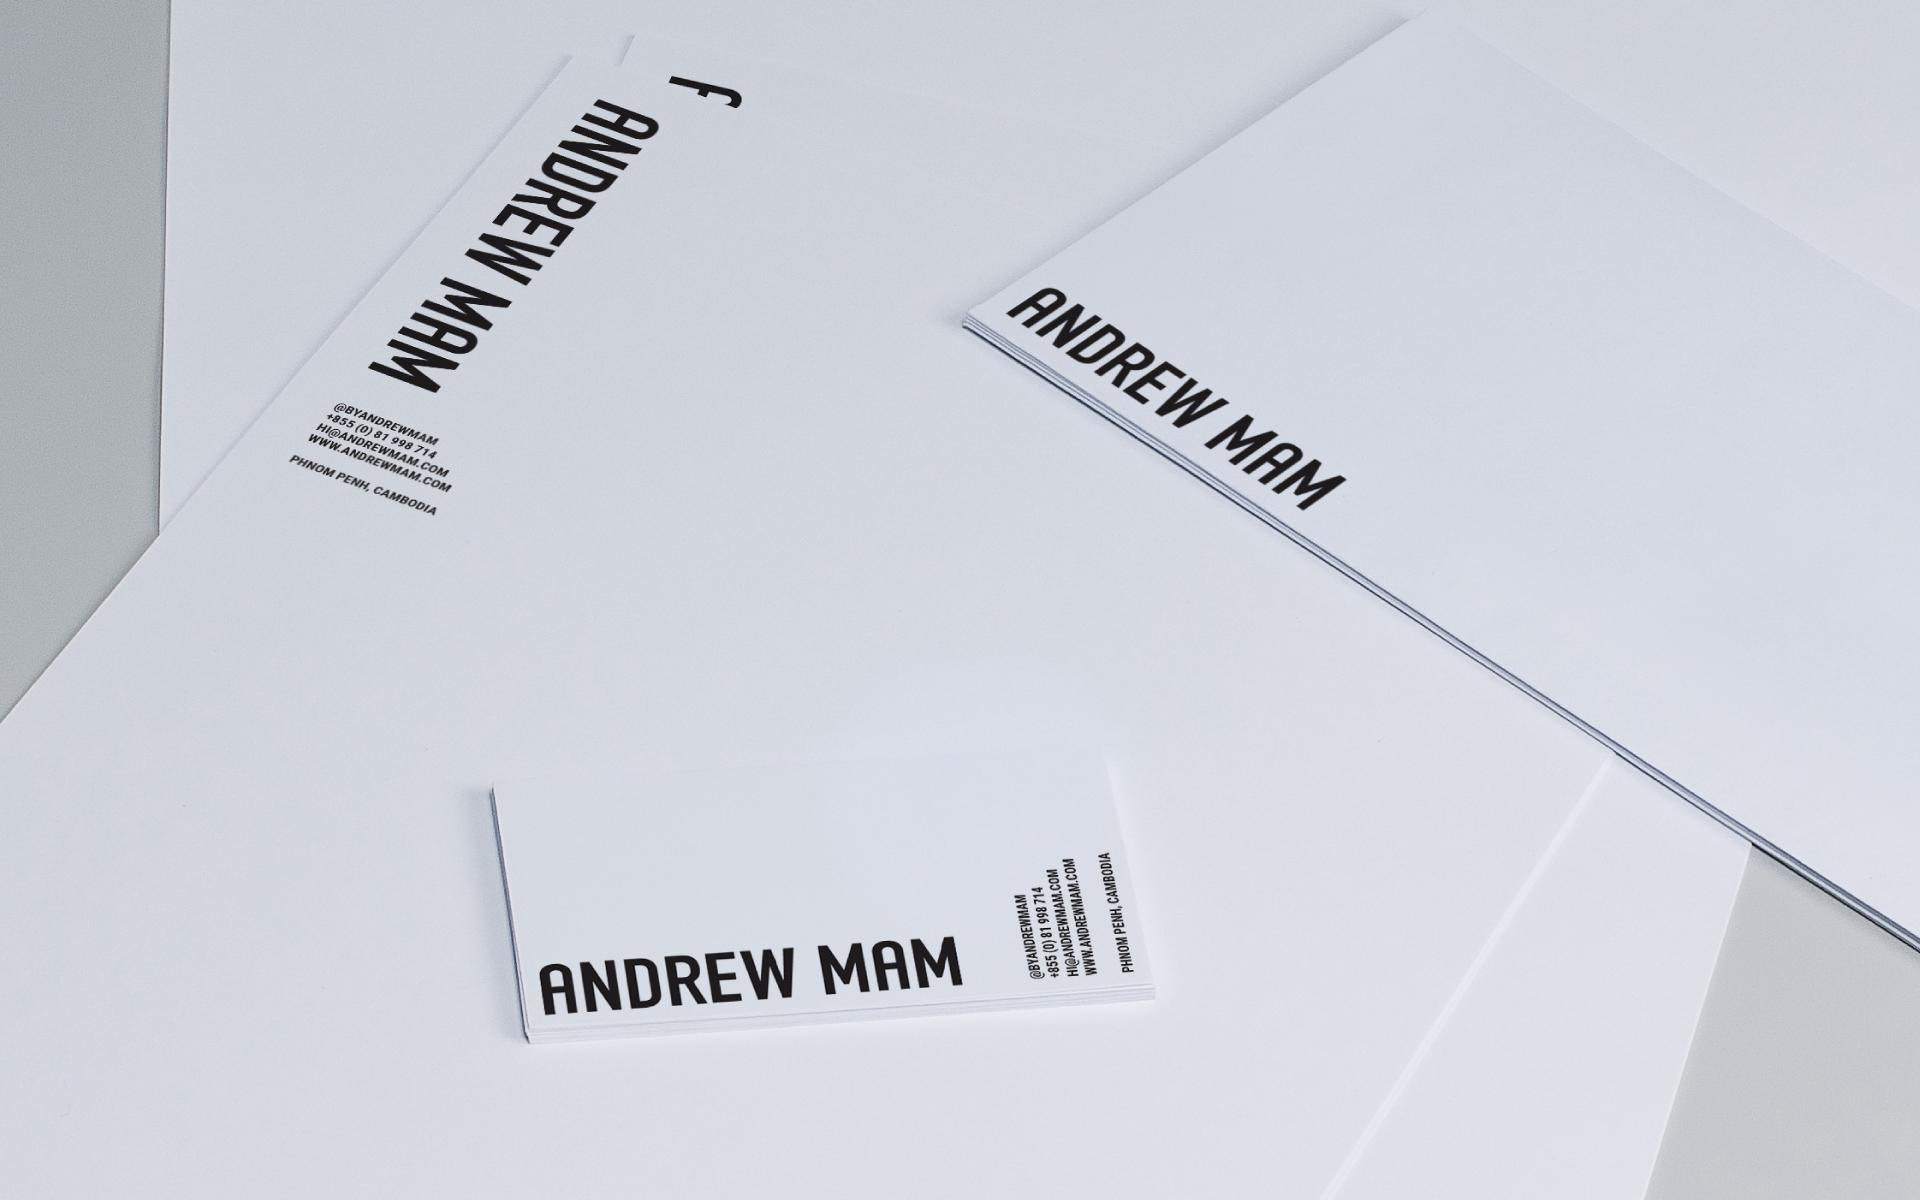 Andrew-Mam-Brand-Identity-Design-3.jpg